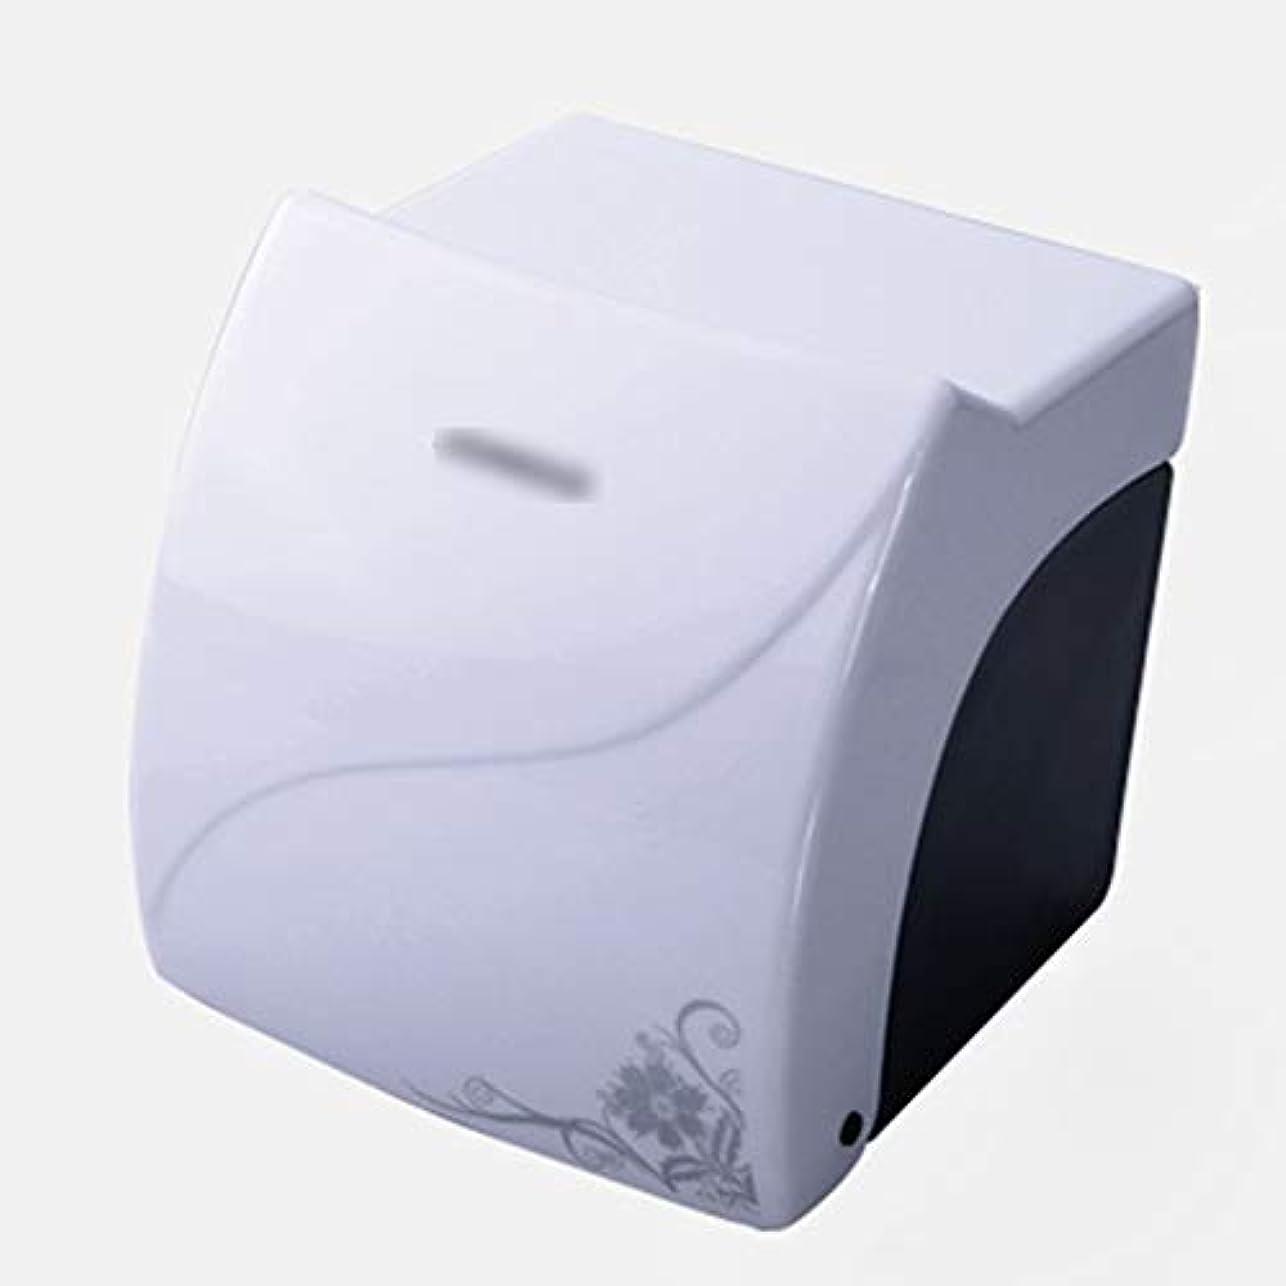 彼のアラームプレゼンテーションZZLX 紙タオルホルダー、高品質ABS防水ティッシュボックストイレットペーパーボックスペーパーホルダー ロングハンドル風呂ブラシ